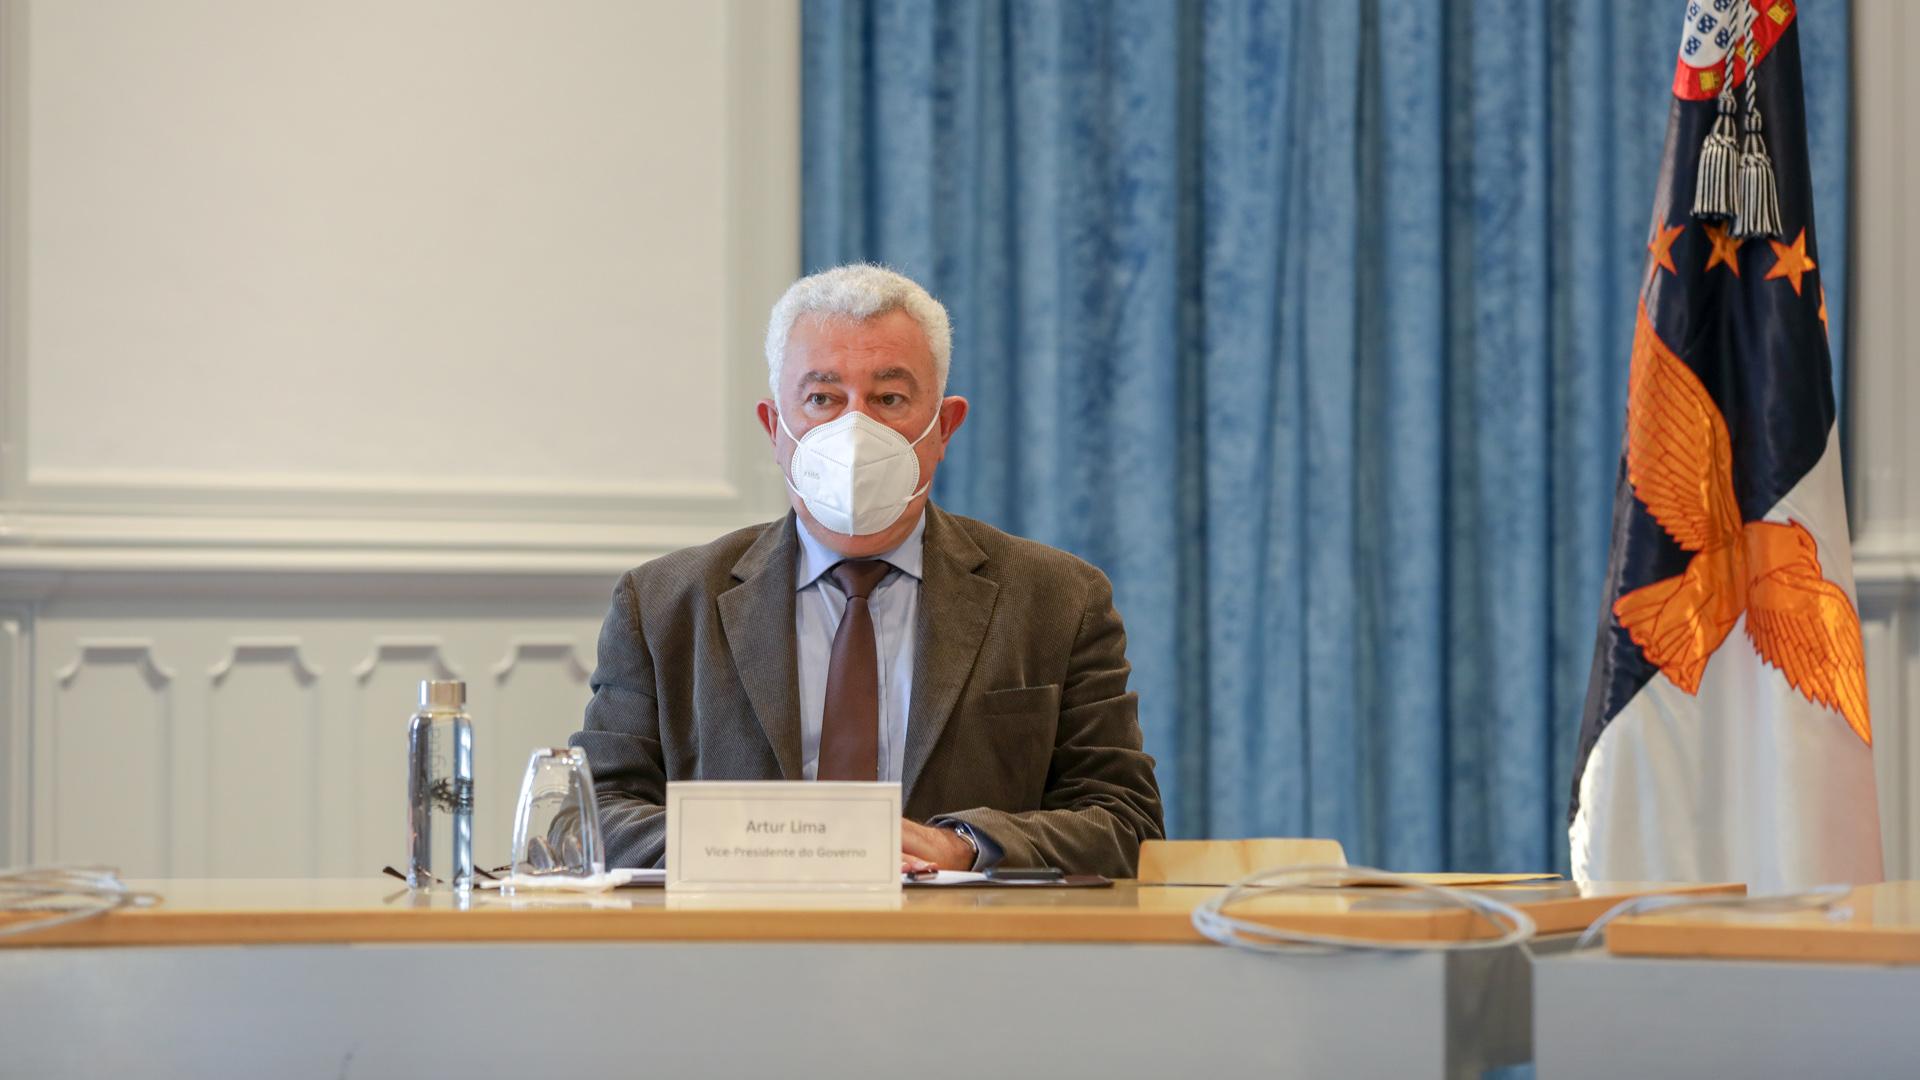 Reunião Conselho do Governo